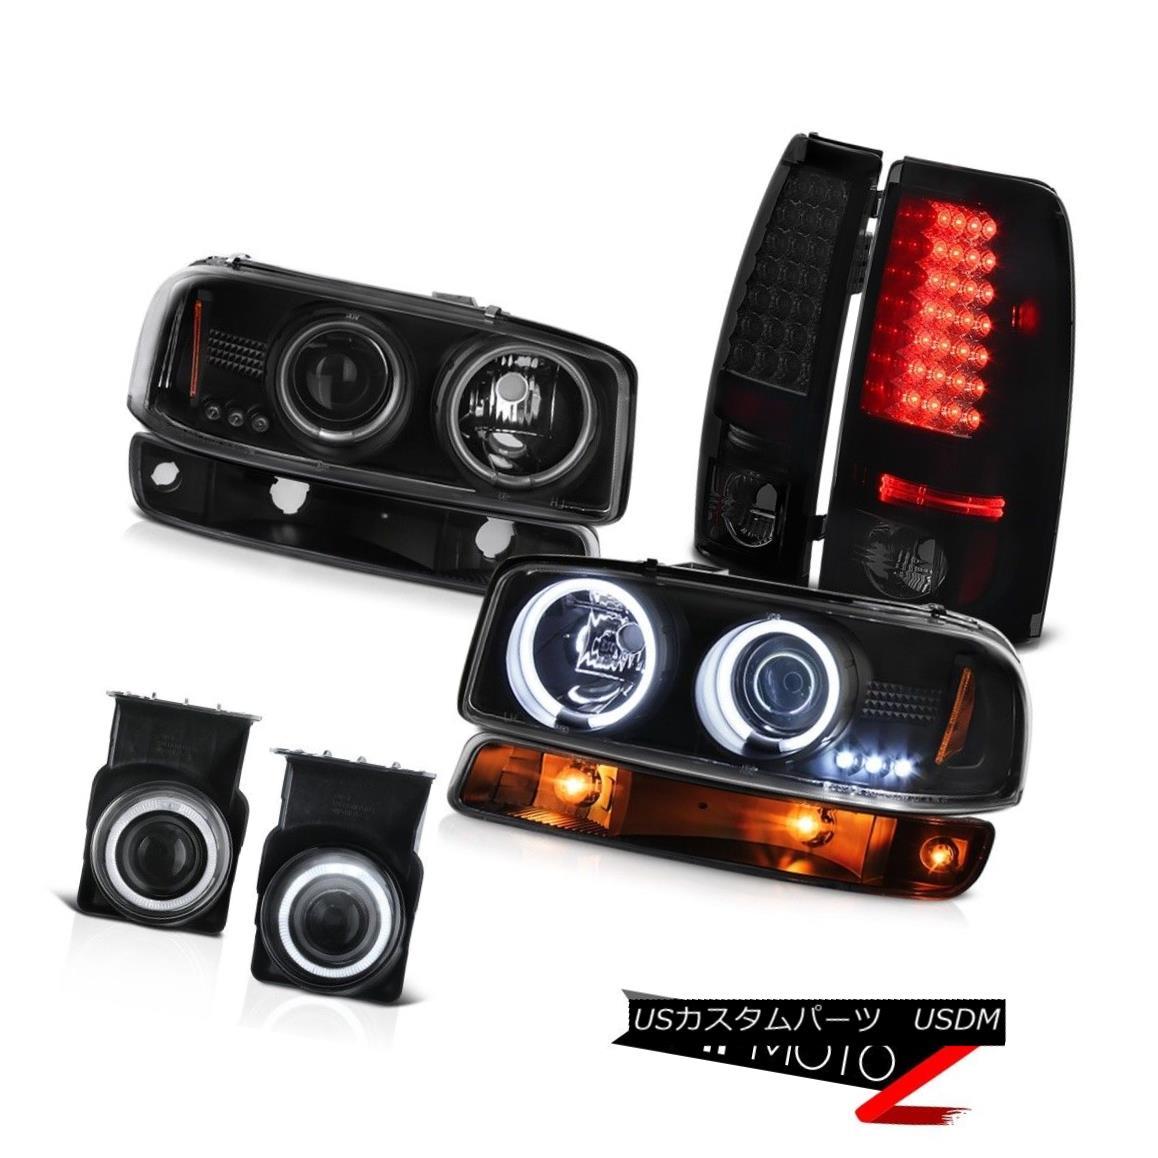 テールライト 03-06 Sierra WT Chrome foglights tail lights black parking light ccfl headlights 03-06シエラWTクロームフォグライトテールライトブラックパーキングライトccflヘッドライト